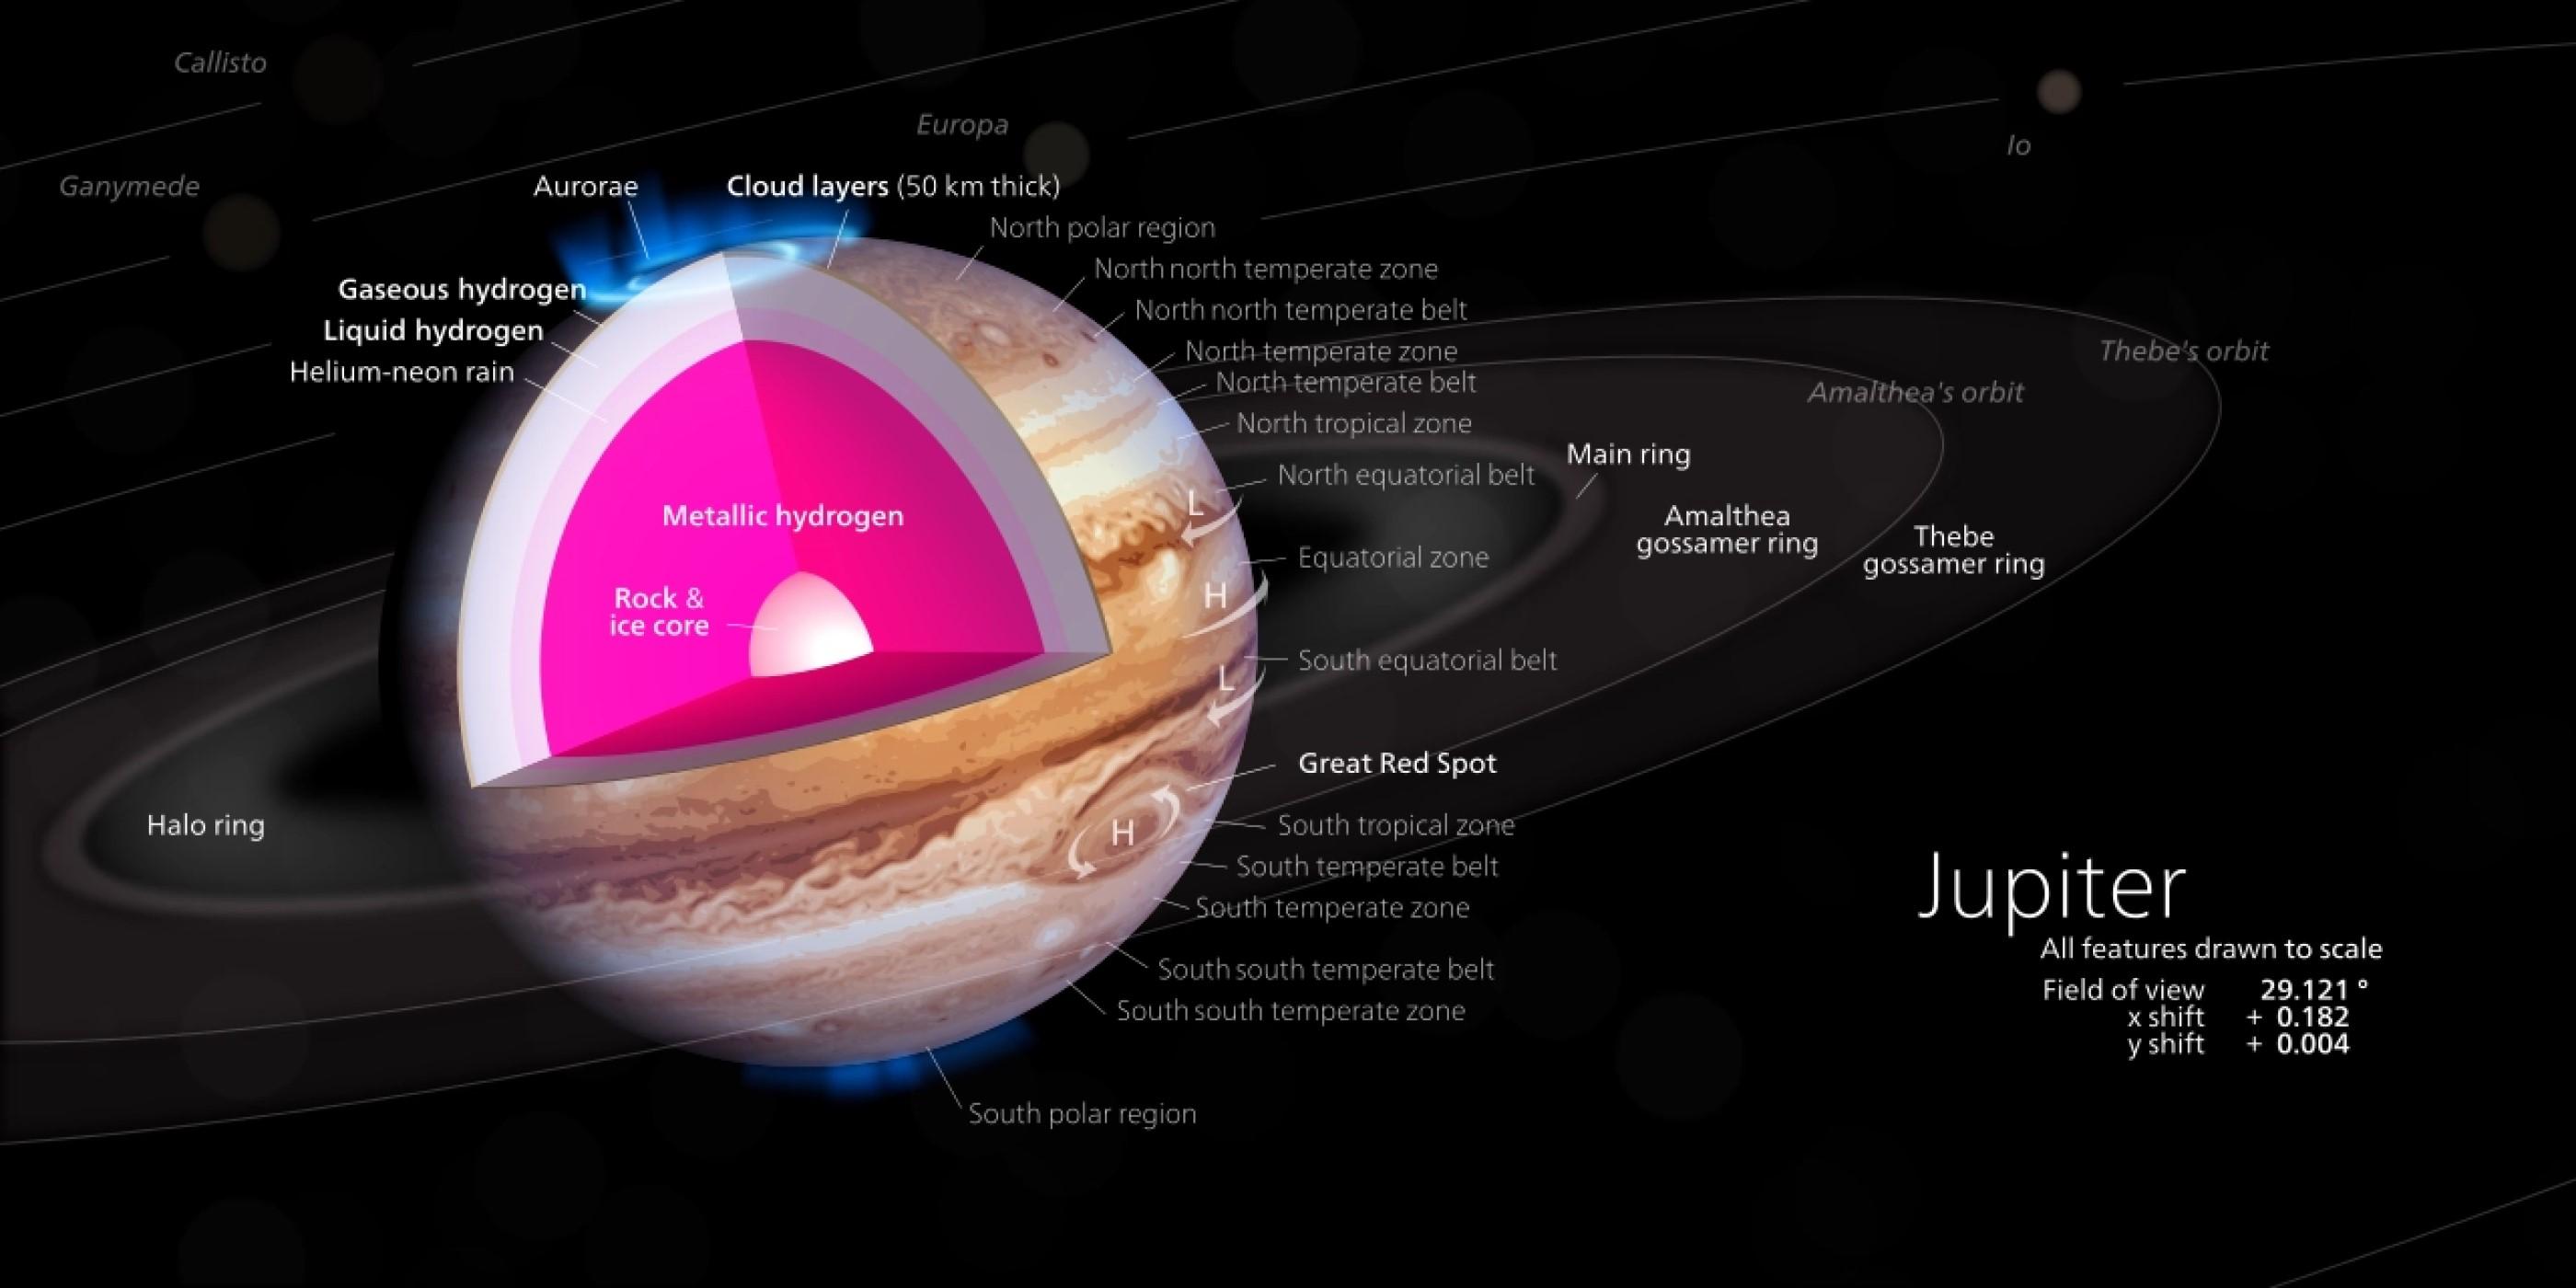 茫茫宇宙,为啥飘荡着那么多石头,由石头组成的行星有几多?